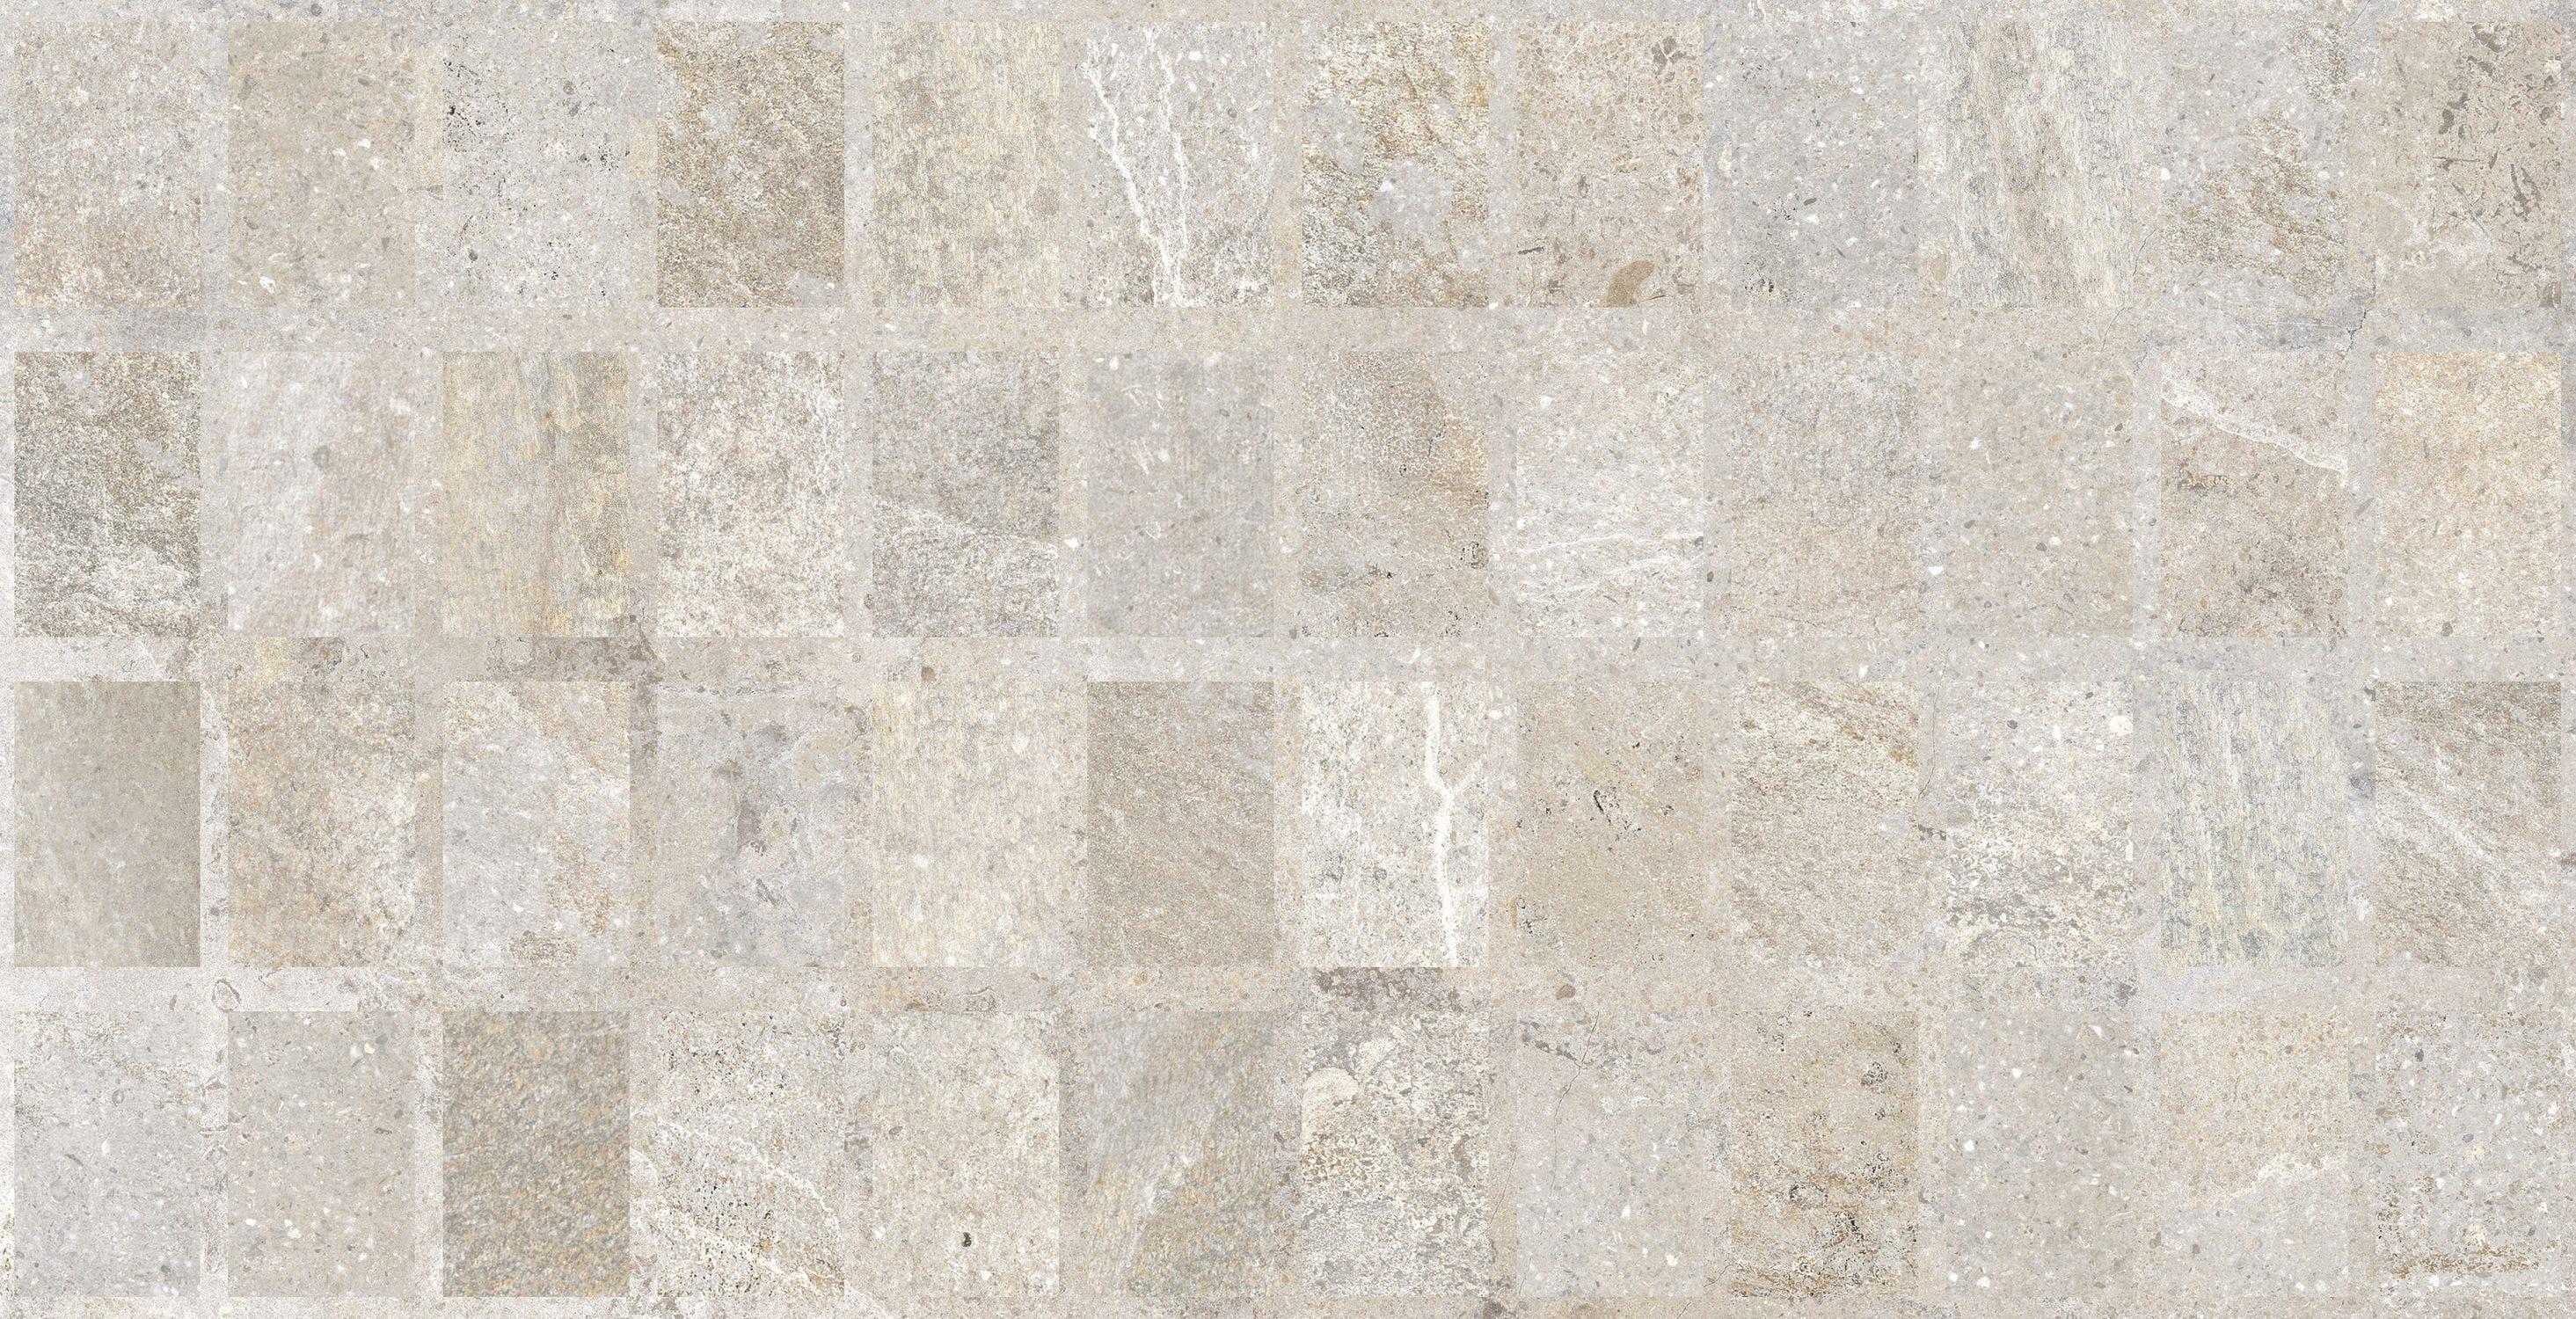 carrelage mural pour sol en gràs cà rame aspect pierre